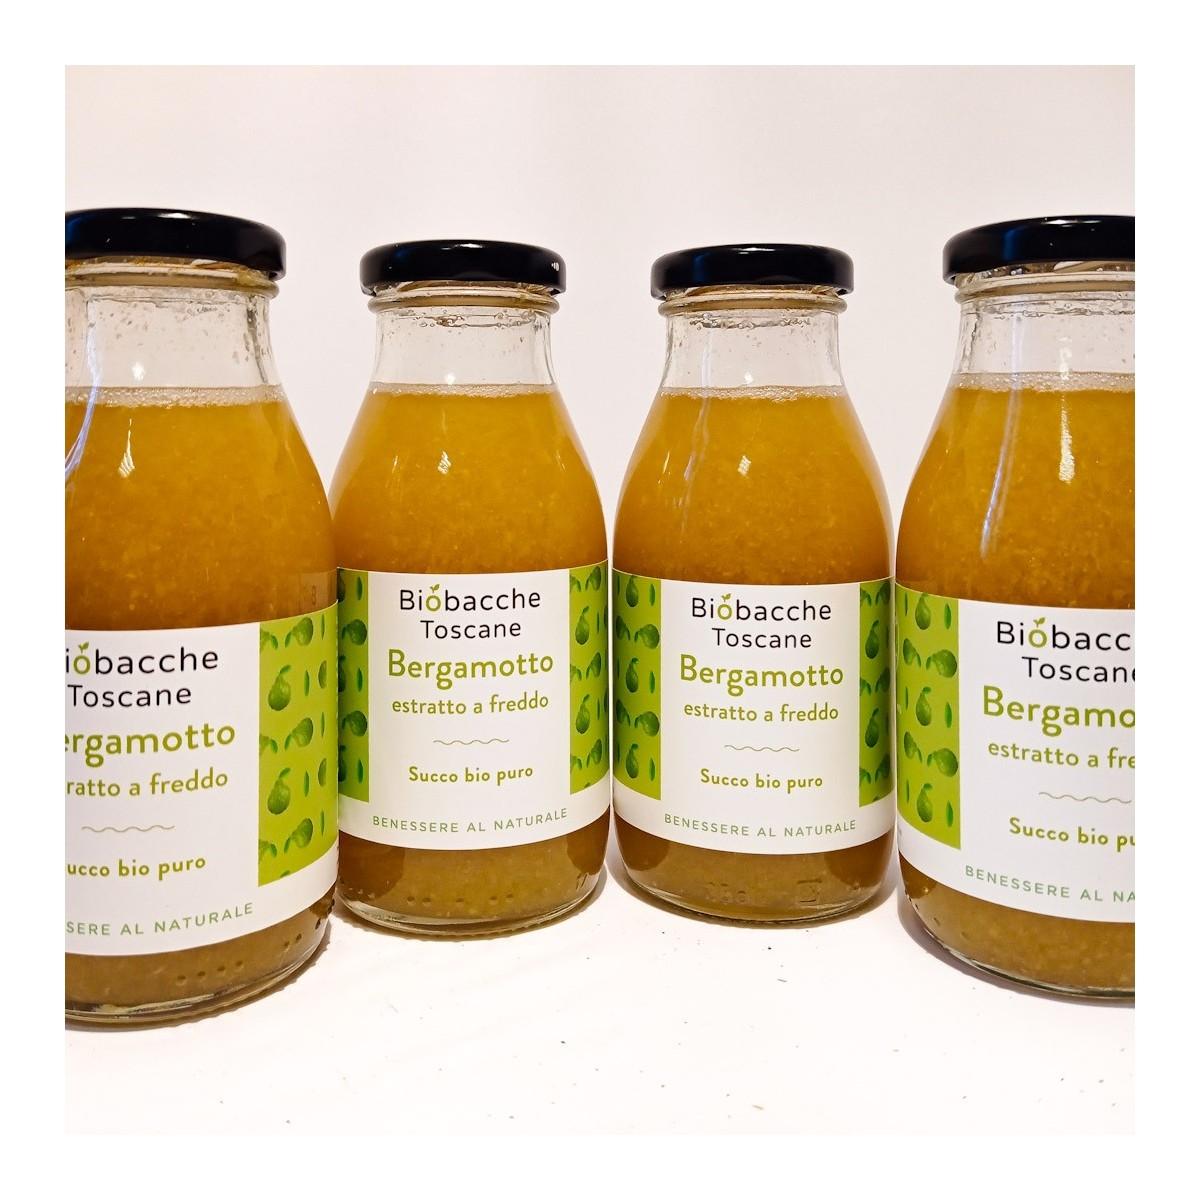 Estratto puro di Bergamotto - Succo Biologico di 5 Bergamotto - Cura di 4 settimane